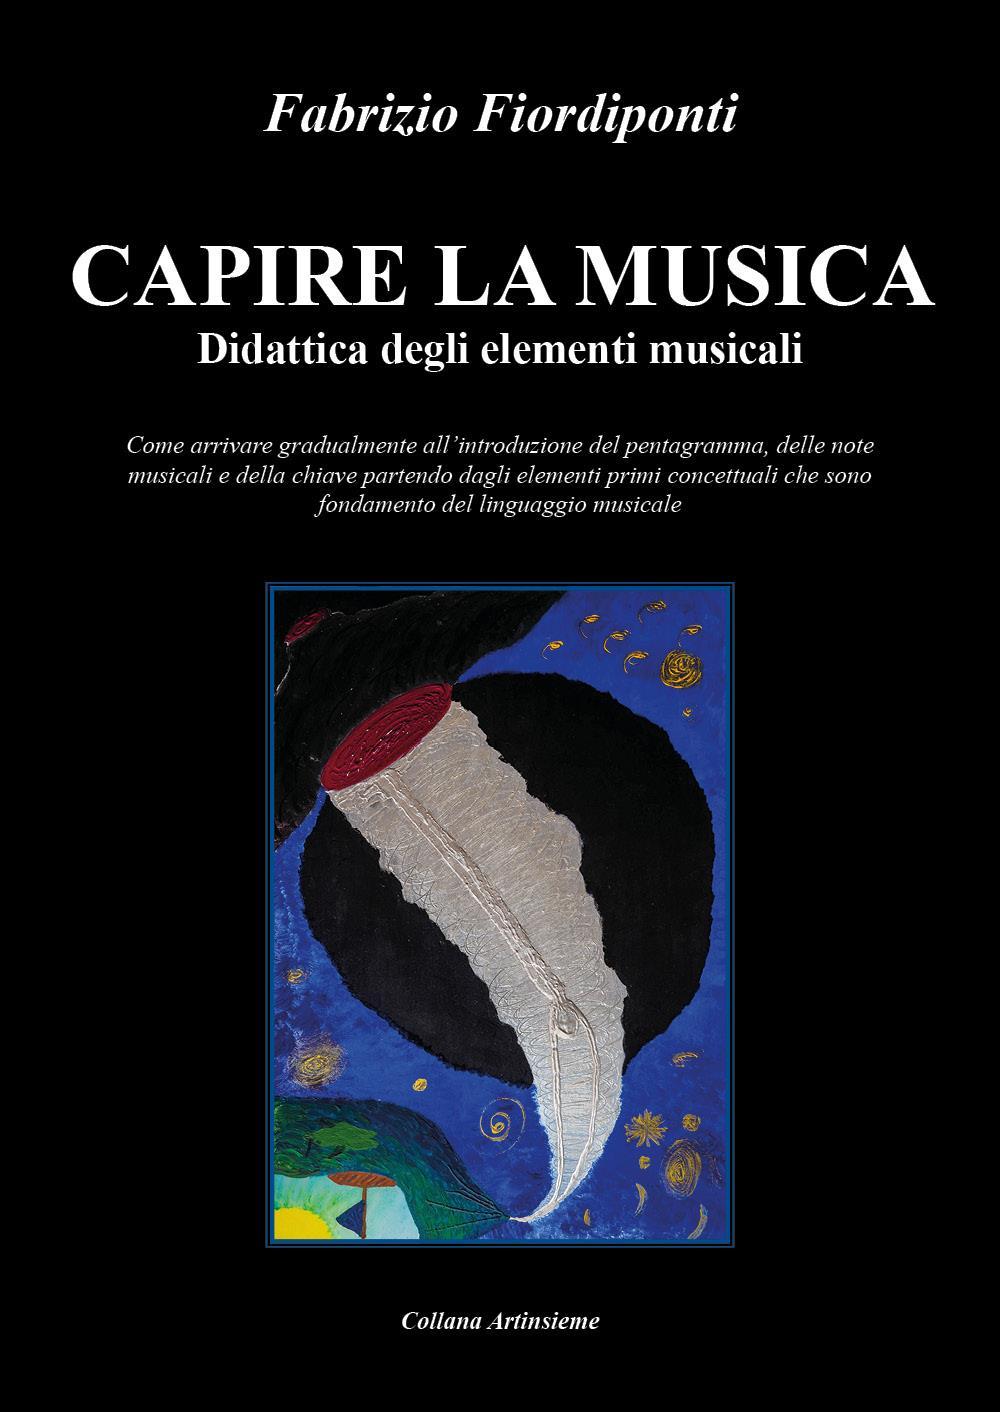 Capire la musica-Didattica degli elementi musicali